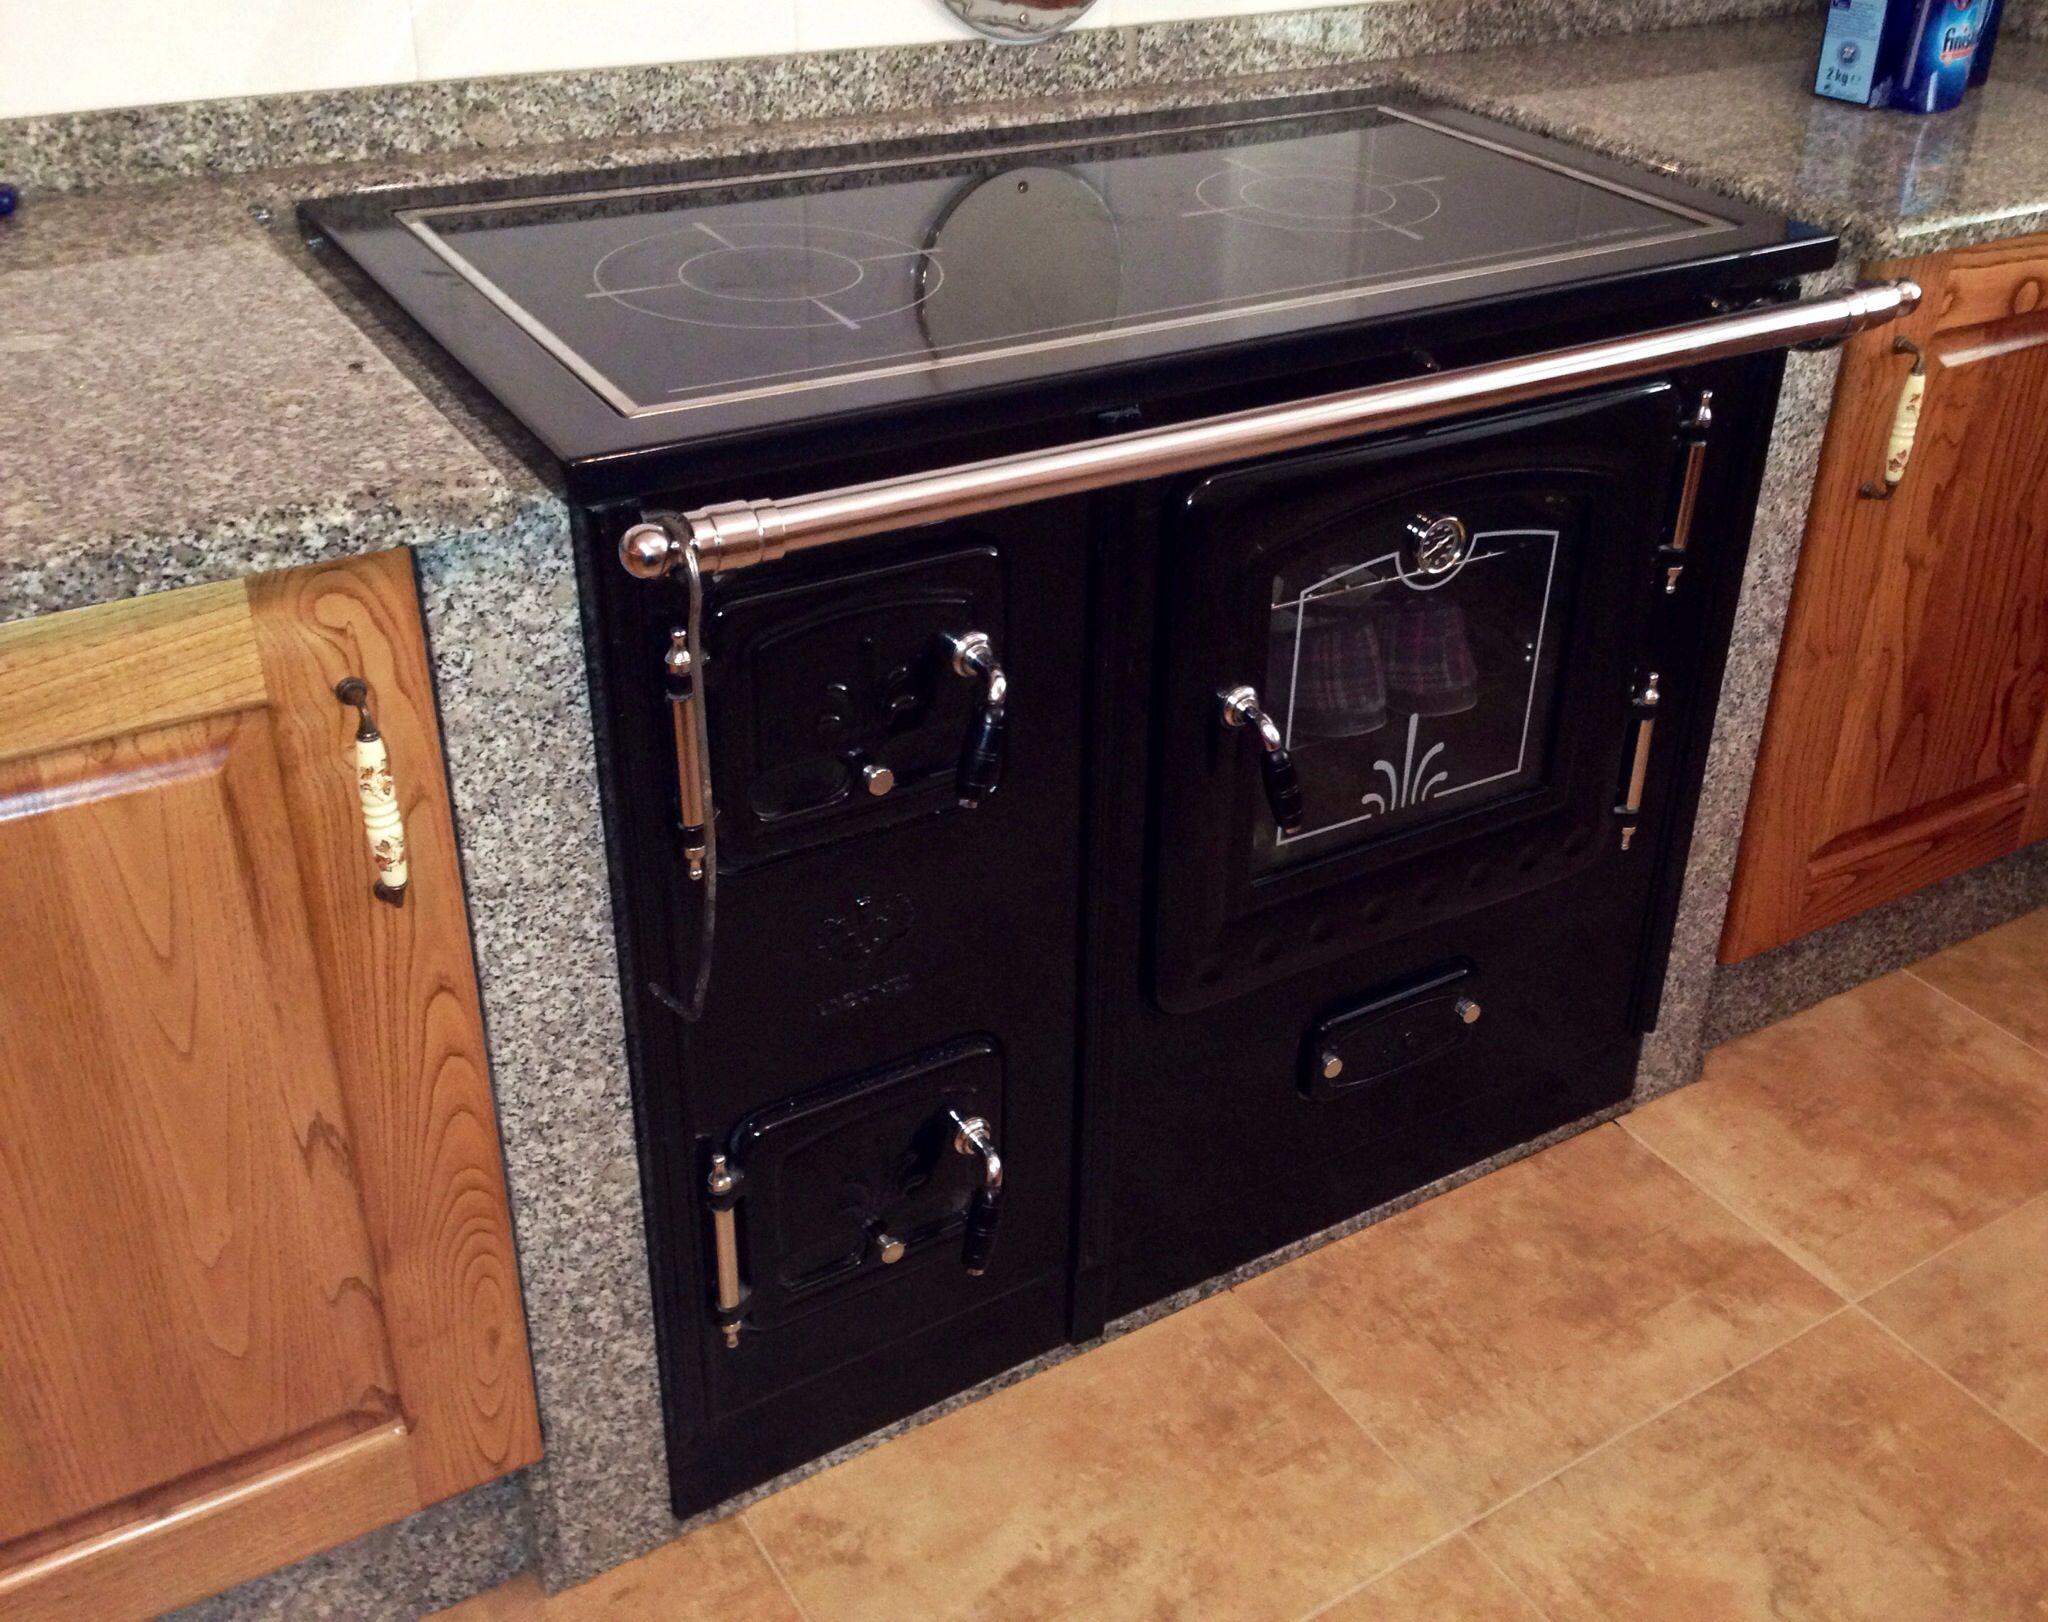 Cocina le a integrada en muebles de cocina decorama eo - Cocinas economicas de lena ...